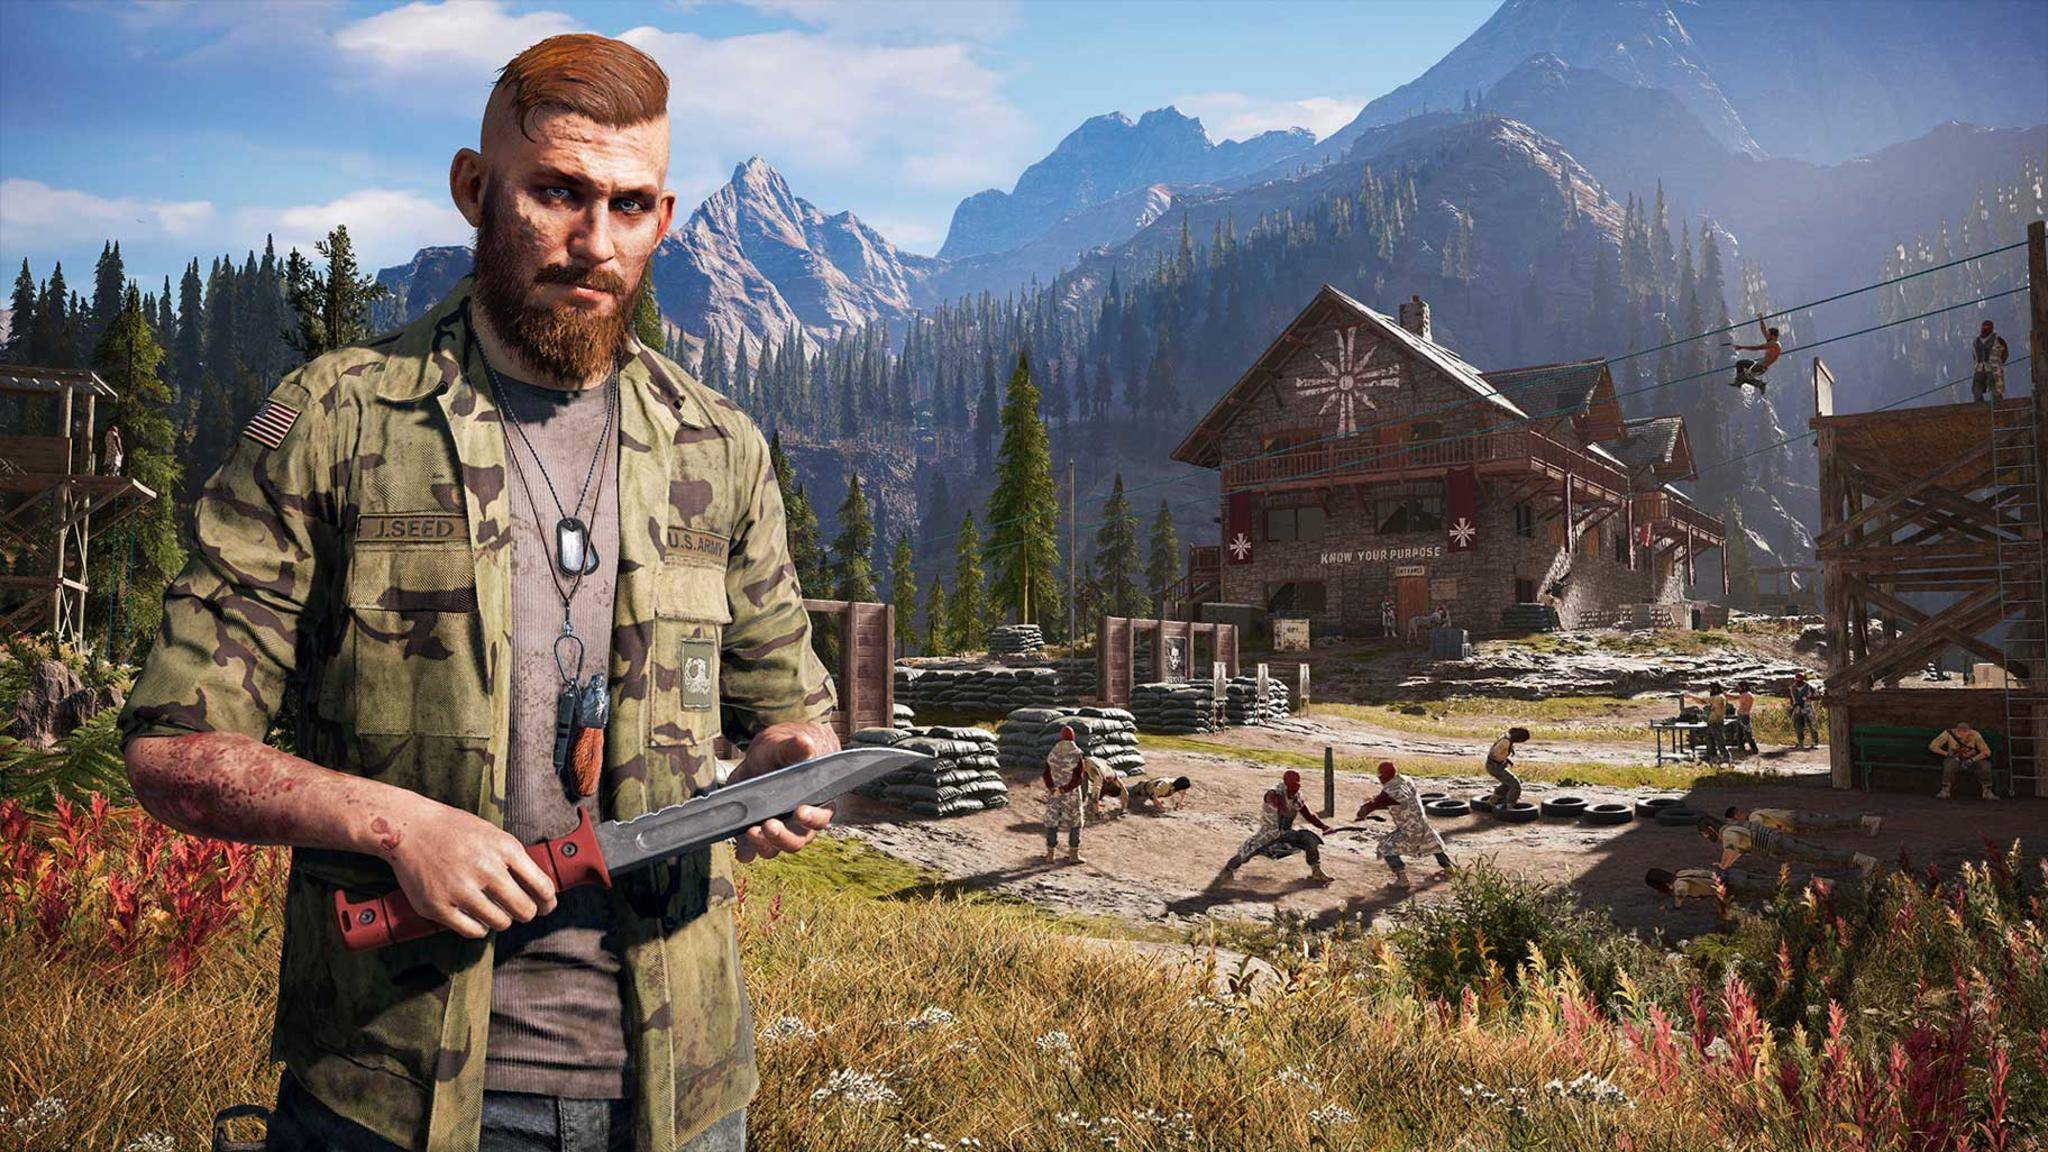 """Ja, in """"Far Cry 5"""" flimmert nach knapp 10 Minuten schon der Abspann über den Monitor - wenn der Spieler alles richtig macht."""